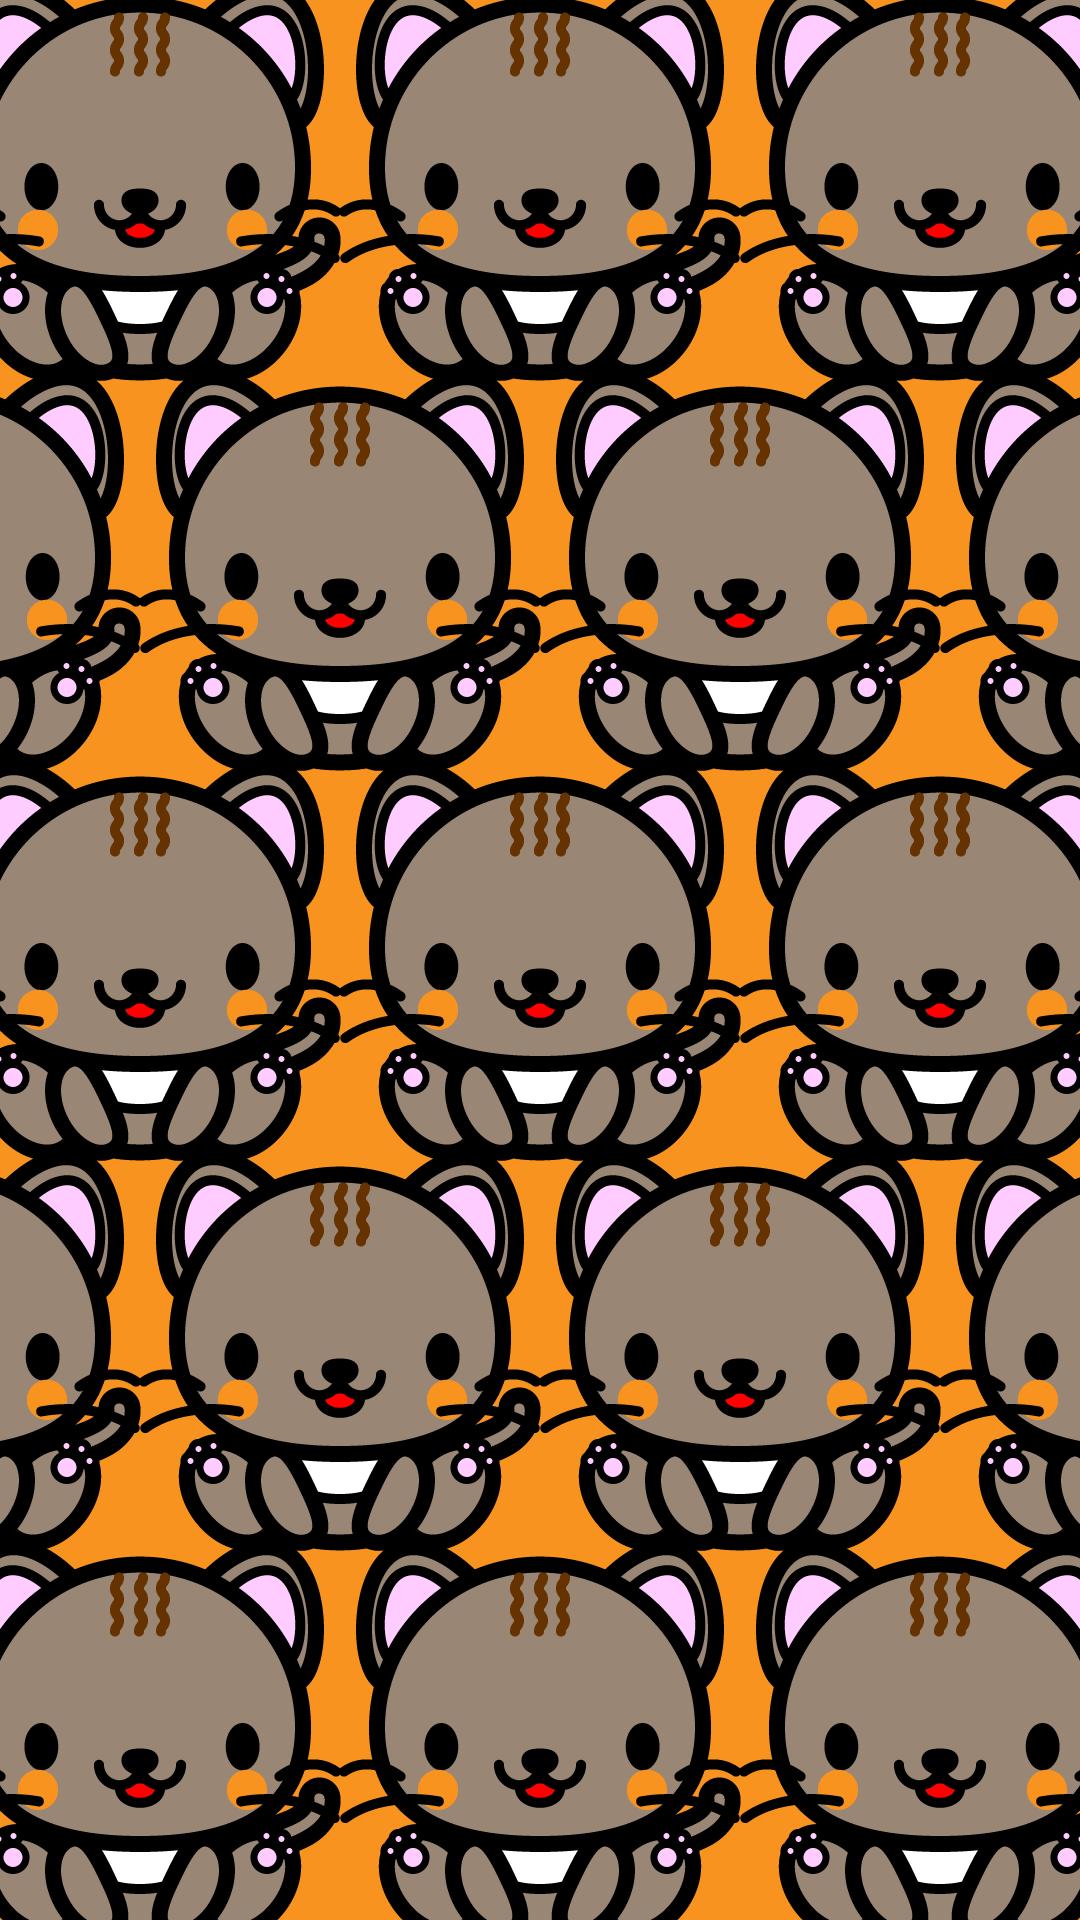 かわいい座り猫づくし・壁紙(iPhone)の無料イラスト・商用フリー